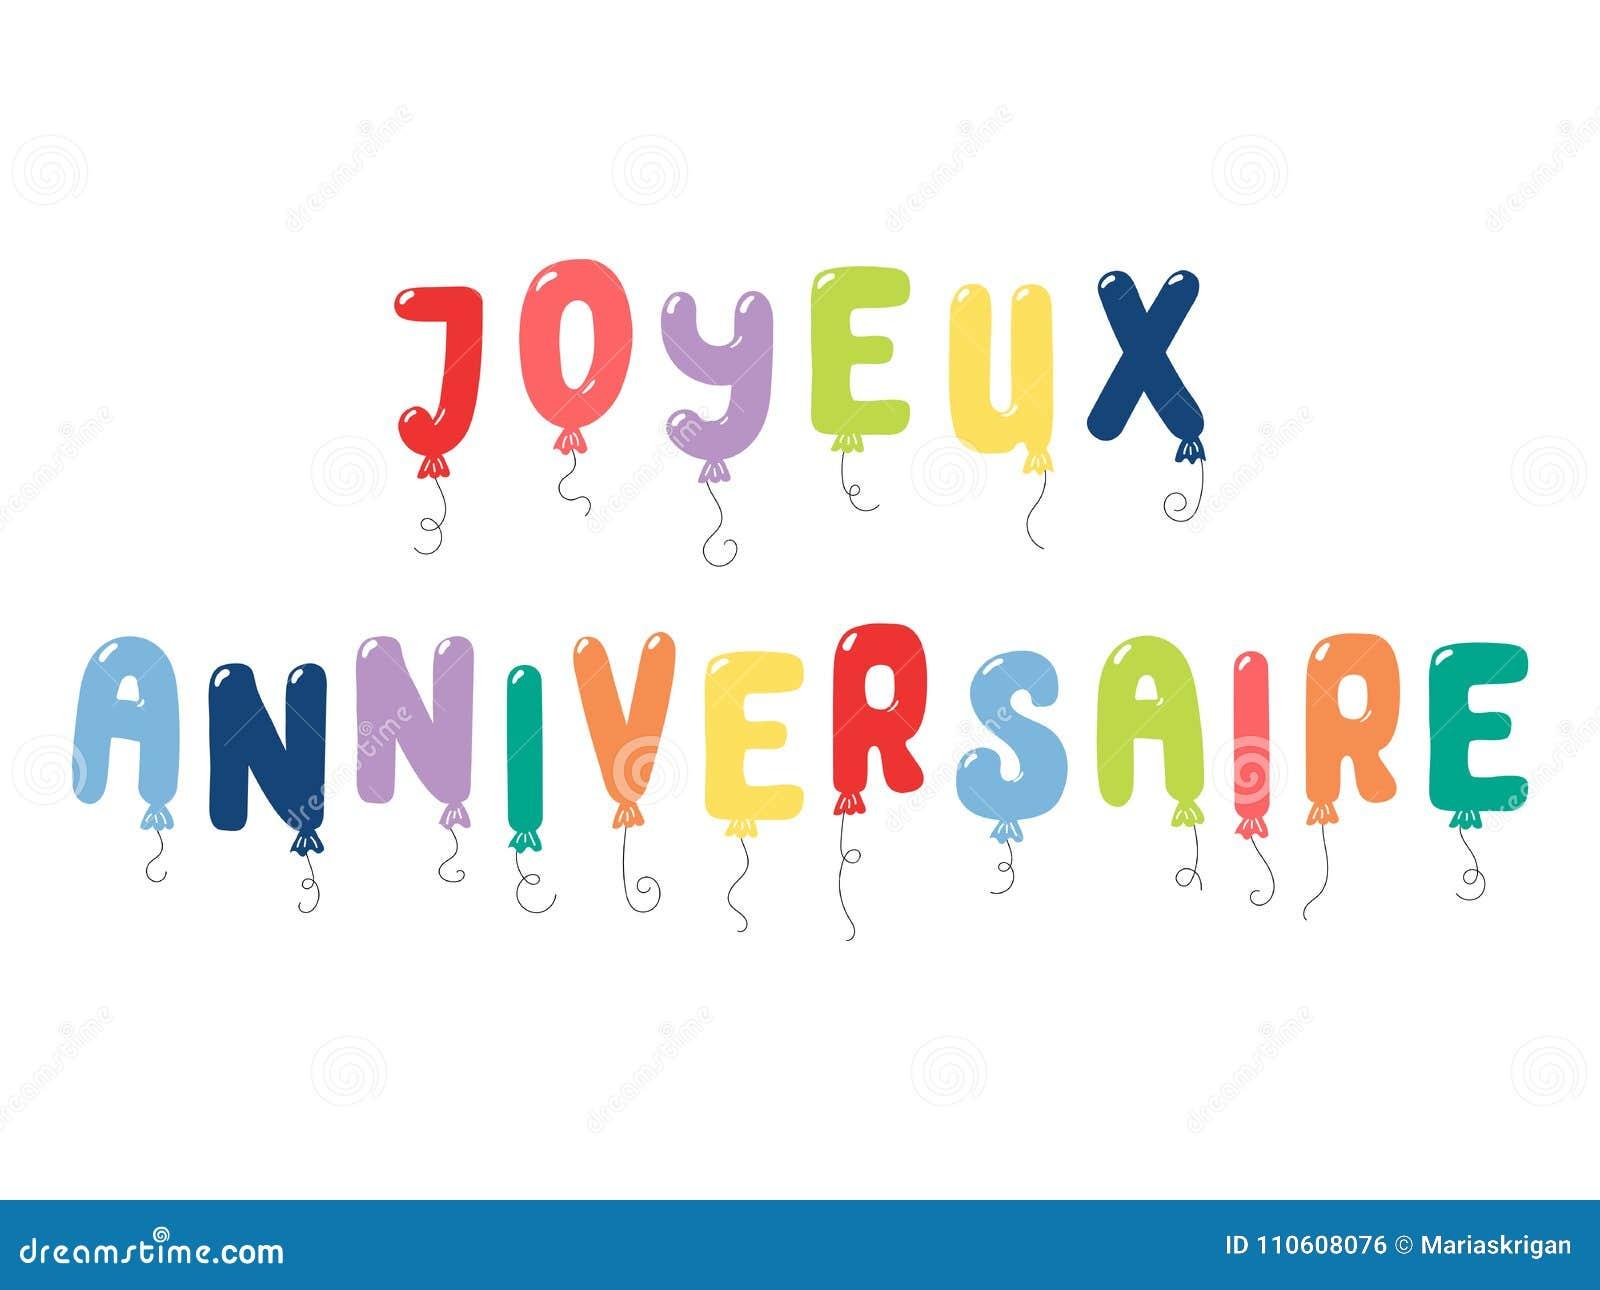 Citation De Francais De Joyeux Anniversaire Illustration De Vecteur